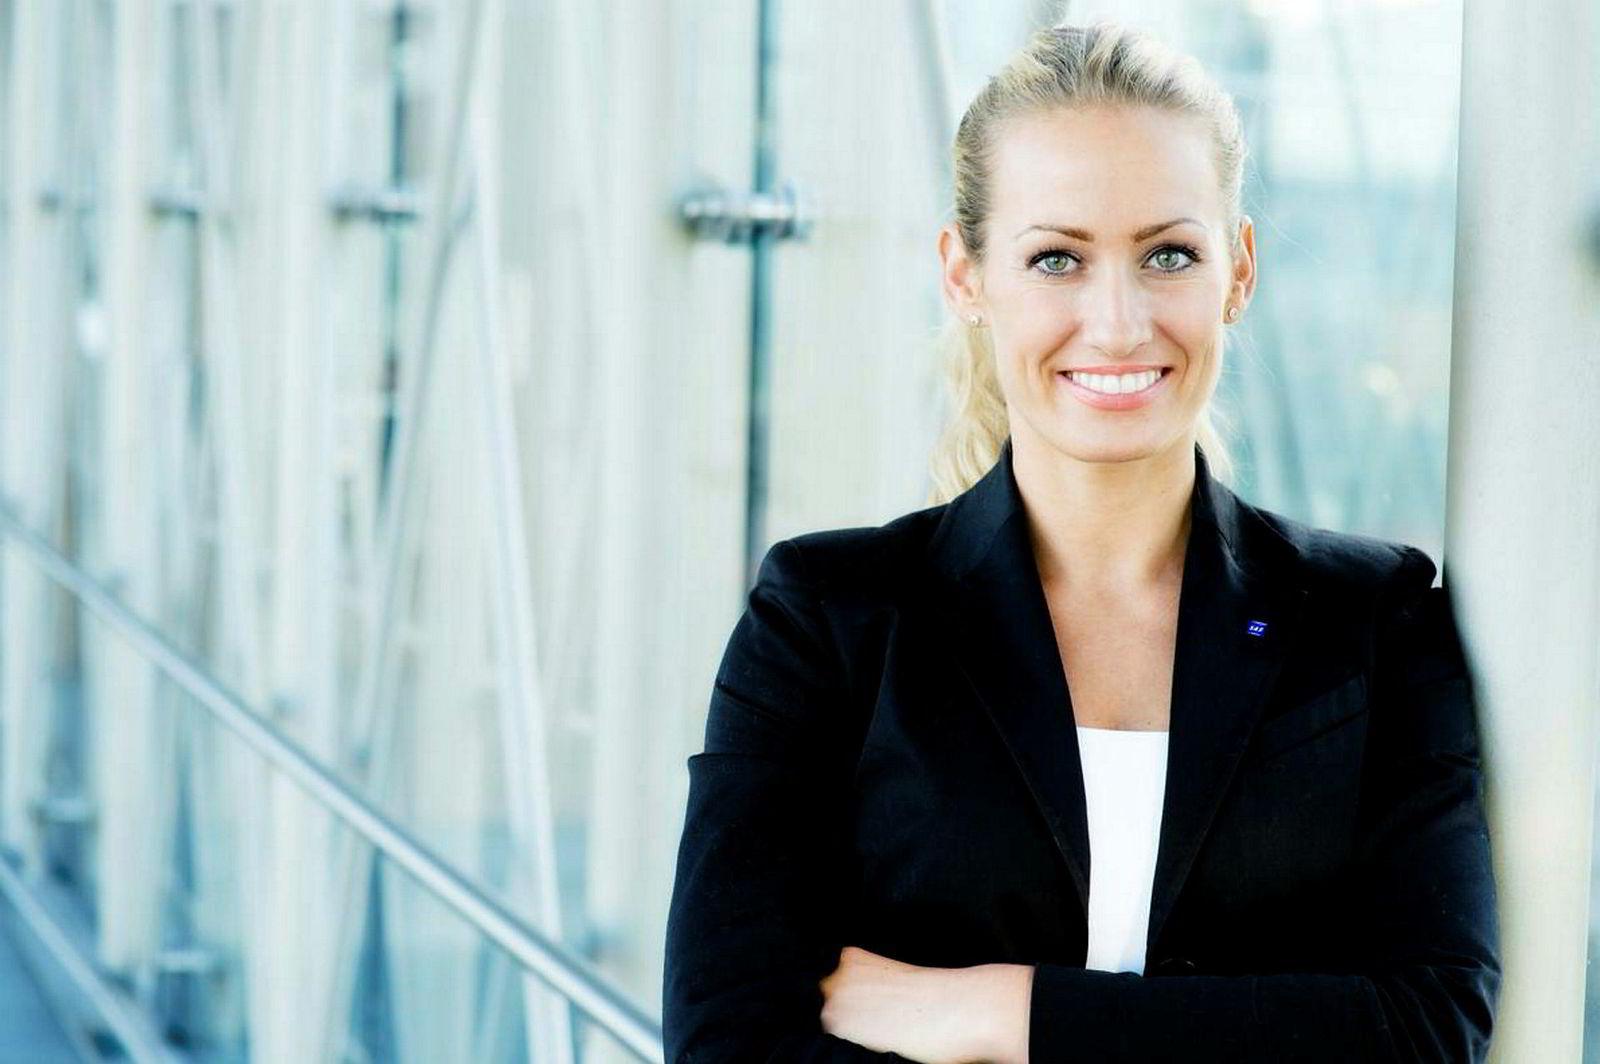 Marianne Orderud i SAS håper SAS Scholarship kan bidra til utvikling av enda flere ideer.